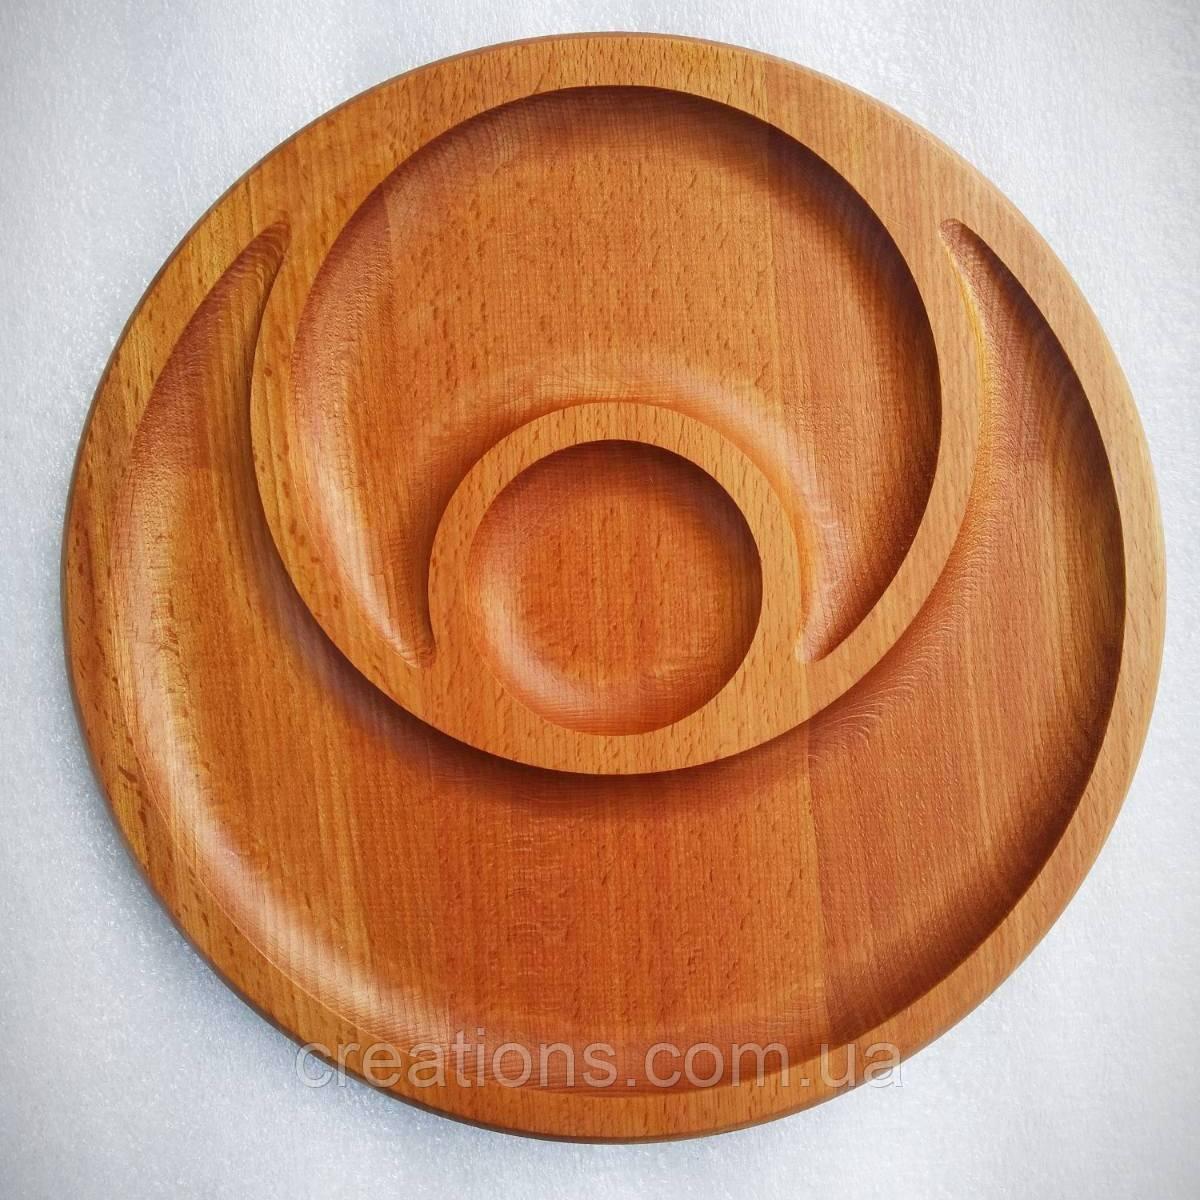 Менажниця дерев'яна 30 см кругла на 2 секції з соусницей з бука БМ-18